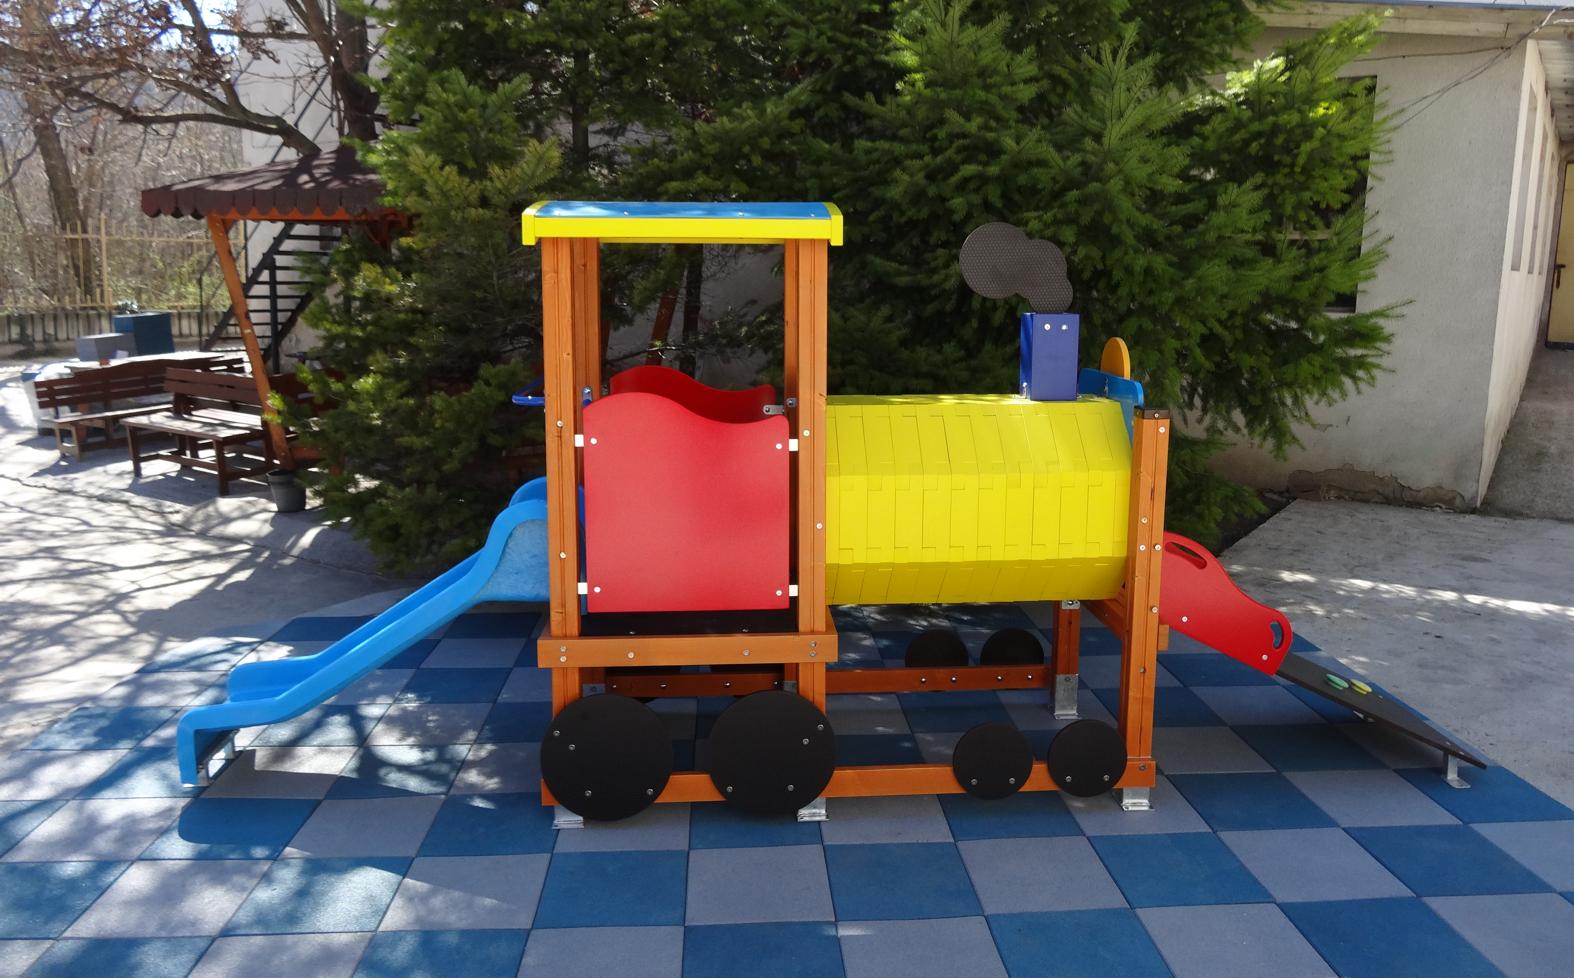 """Снимка на продукта: Комбинирано детско съоръжение, модел КД53 – """"Локомотив с пързалка"""""""